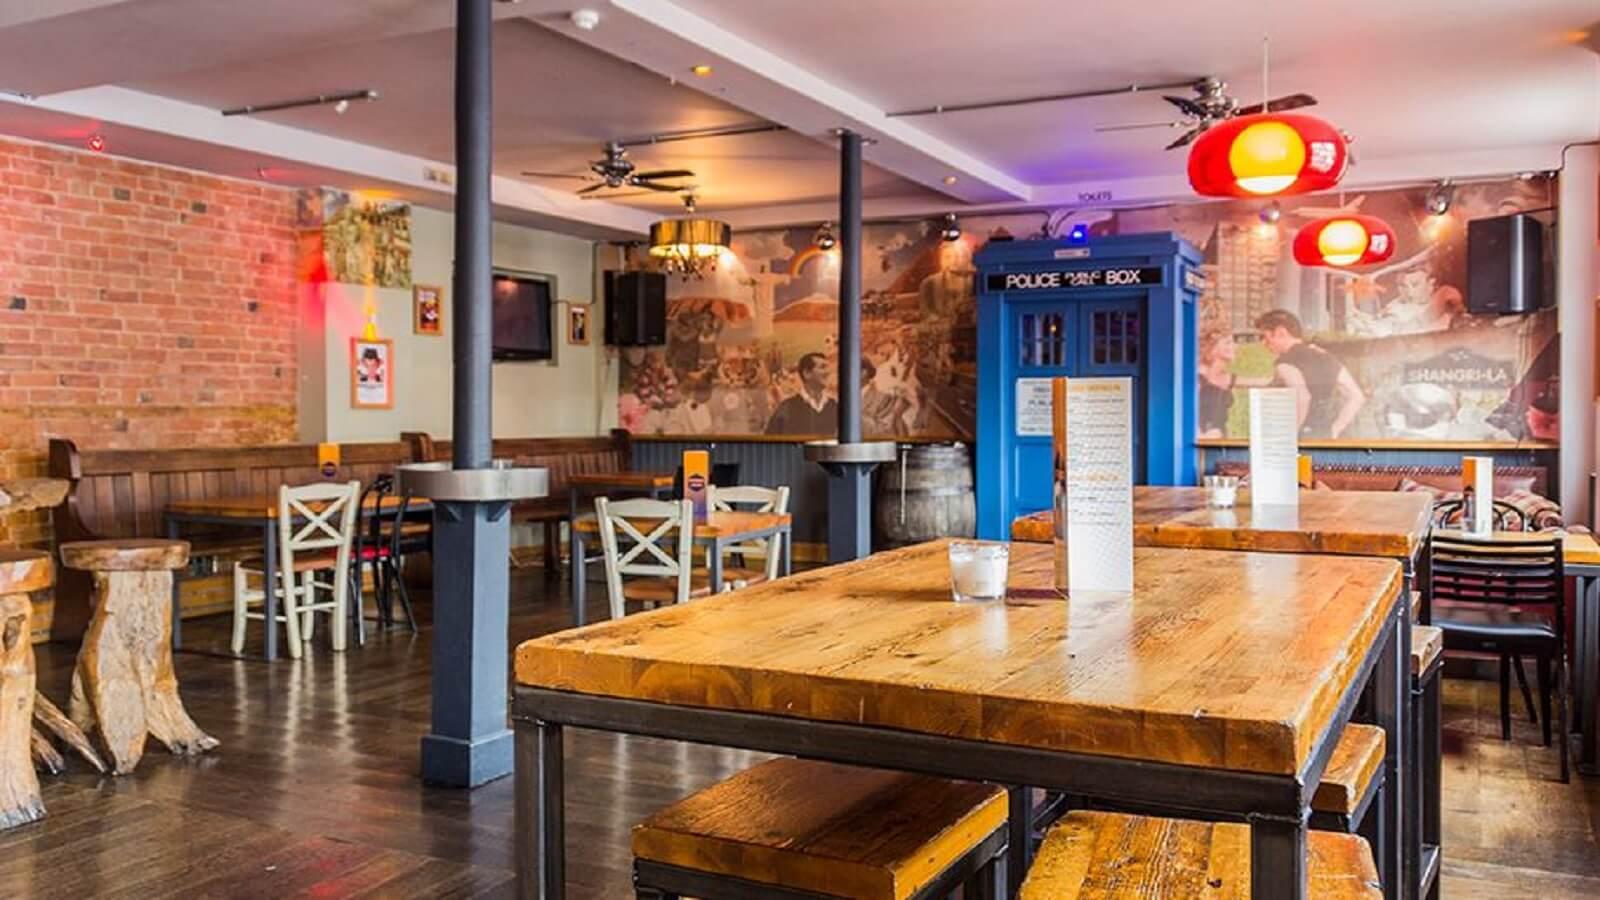 Natterjacks Bar & Kitchen